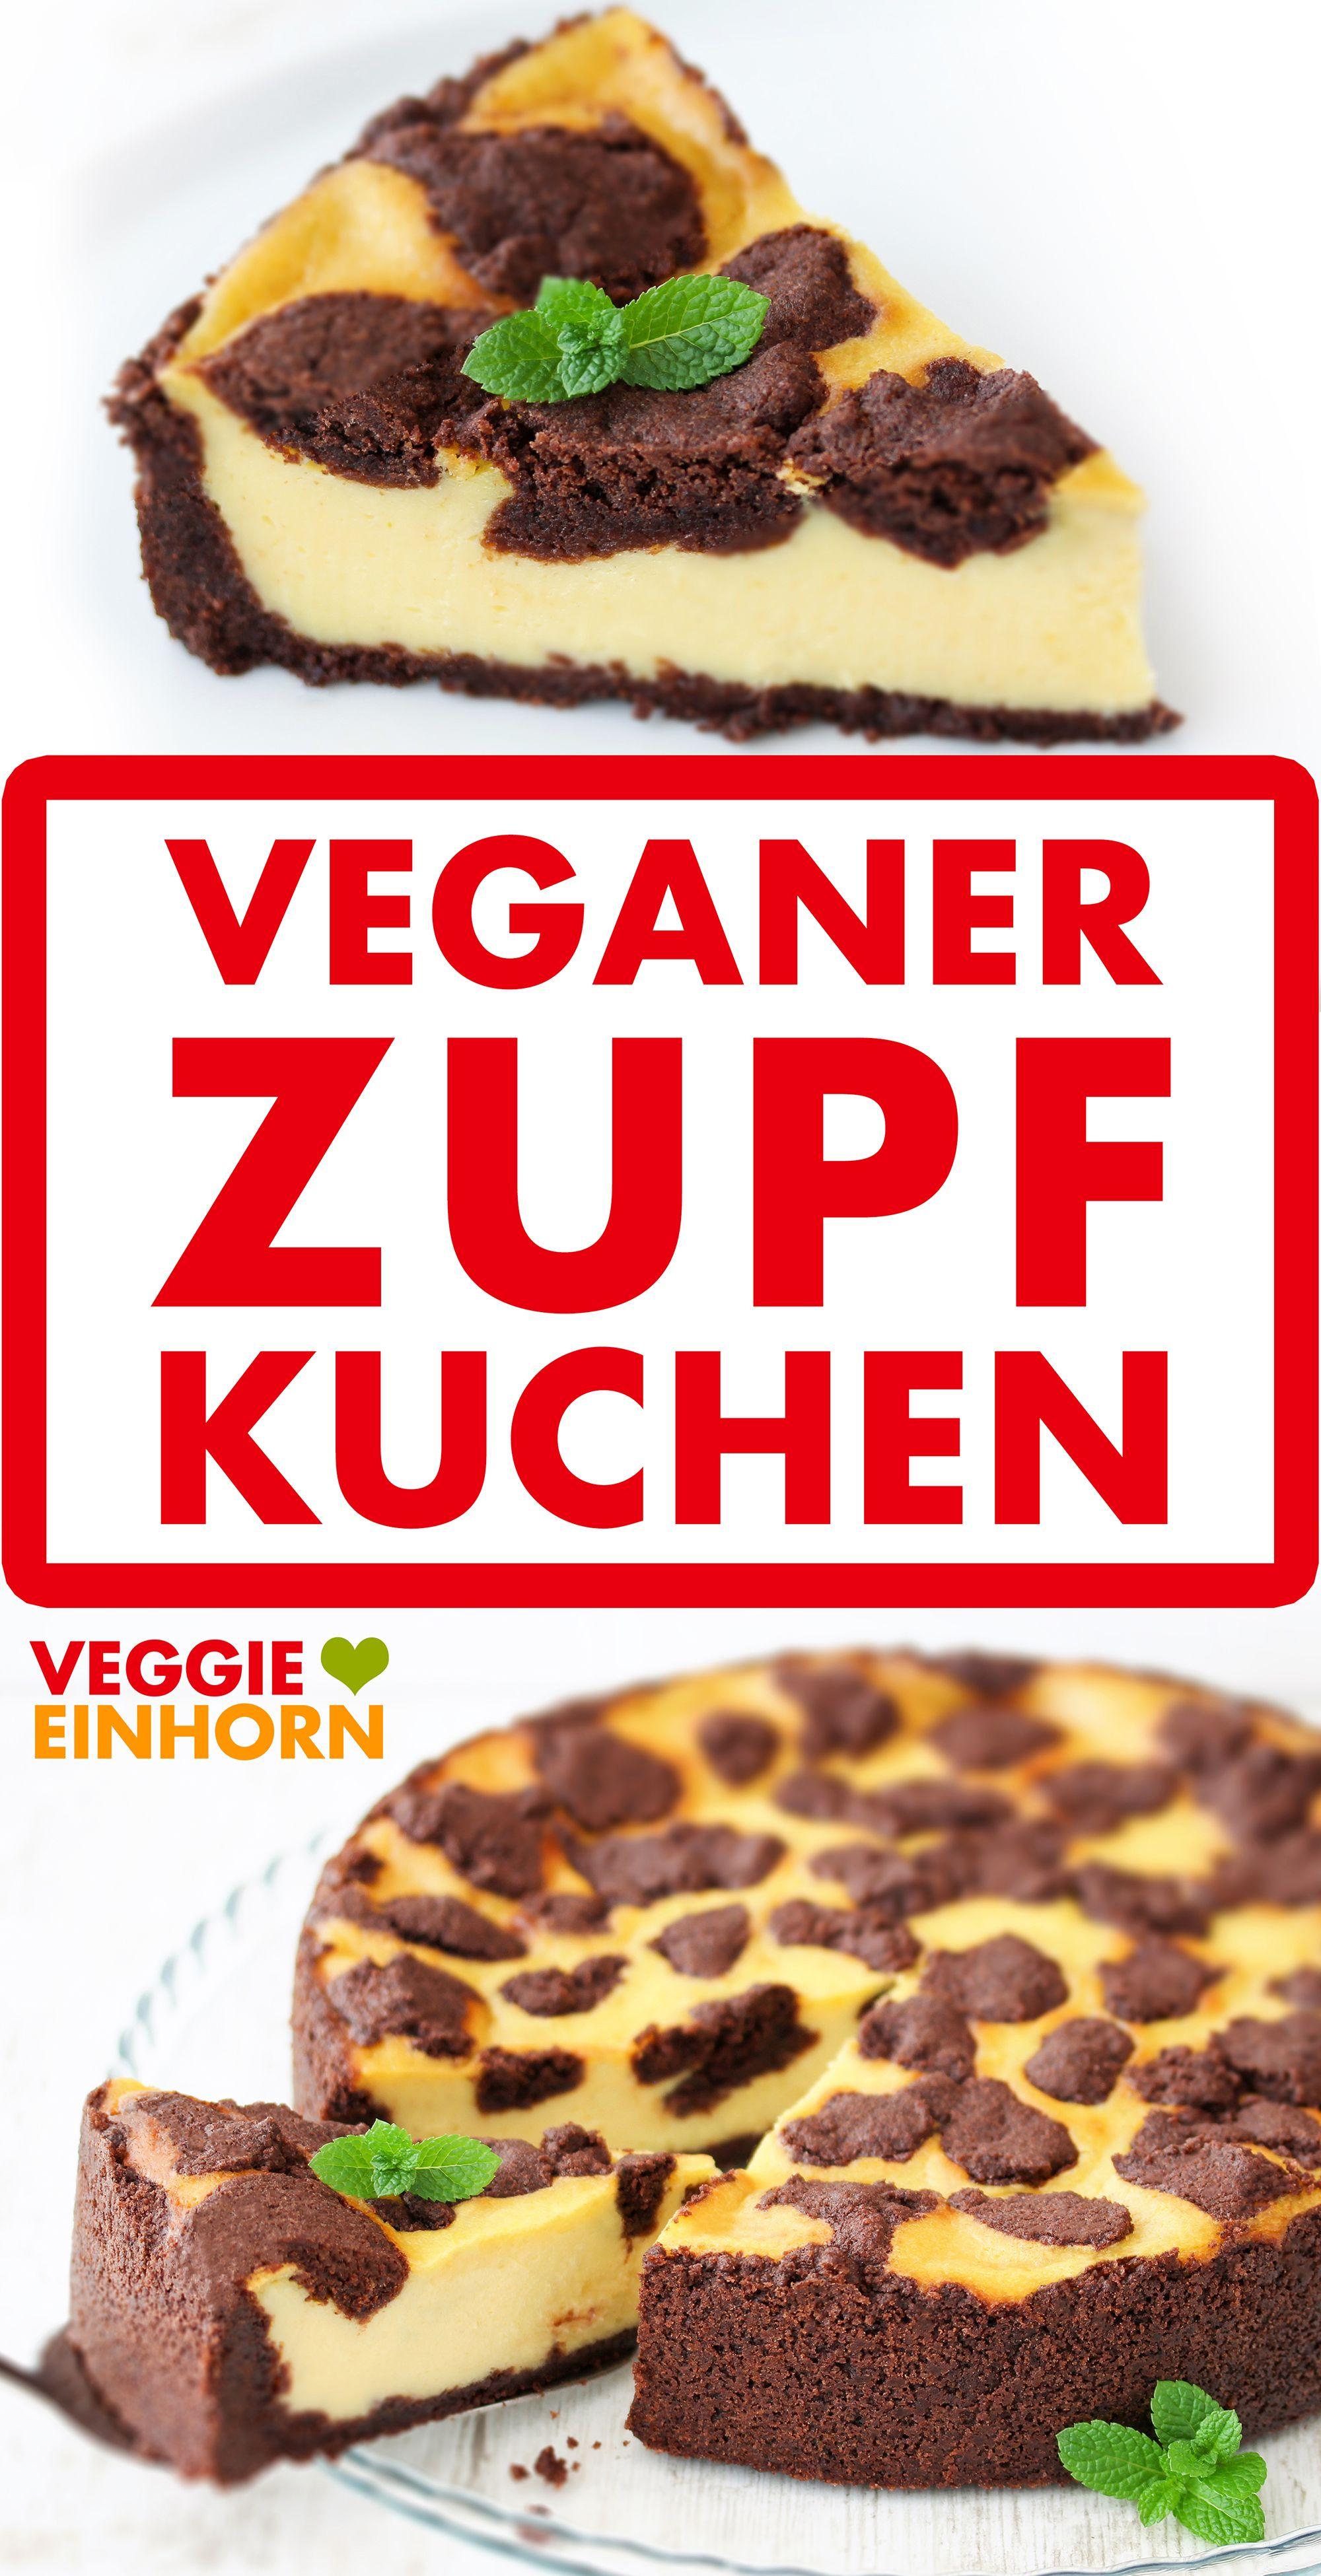 Photo of Veganer Russischer Zupfkuchen ᐅ Einfaches Rezept ᐅ Leckeren veganen Kuchen backen für Gäste